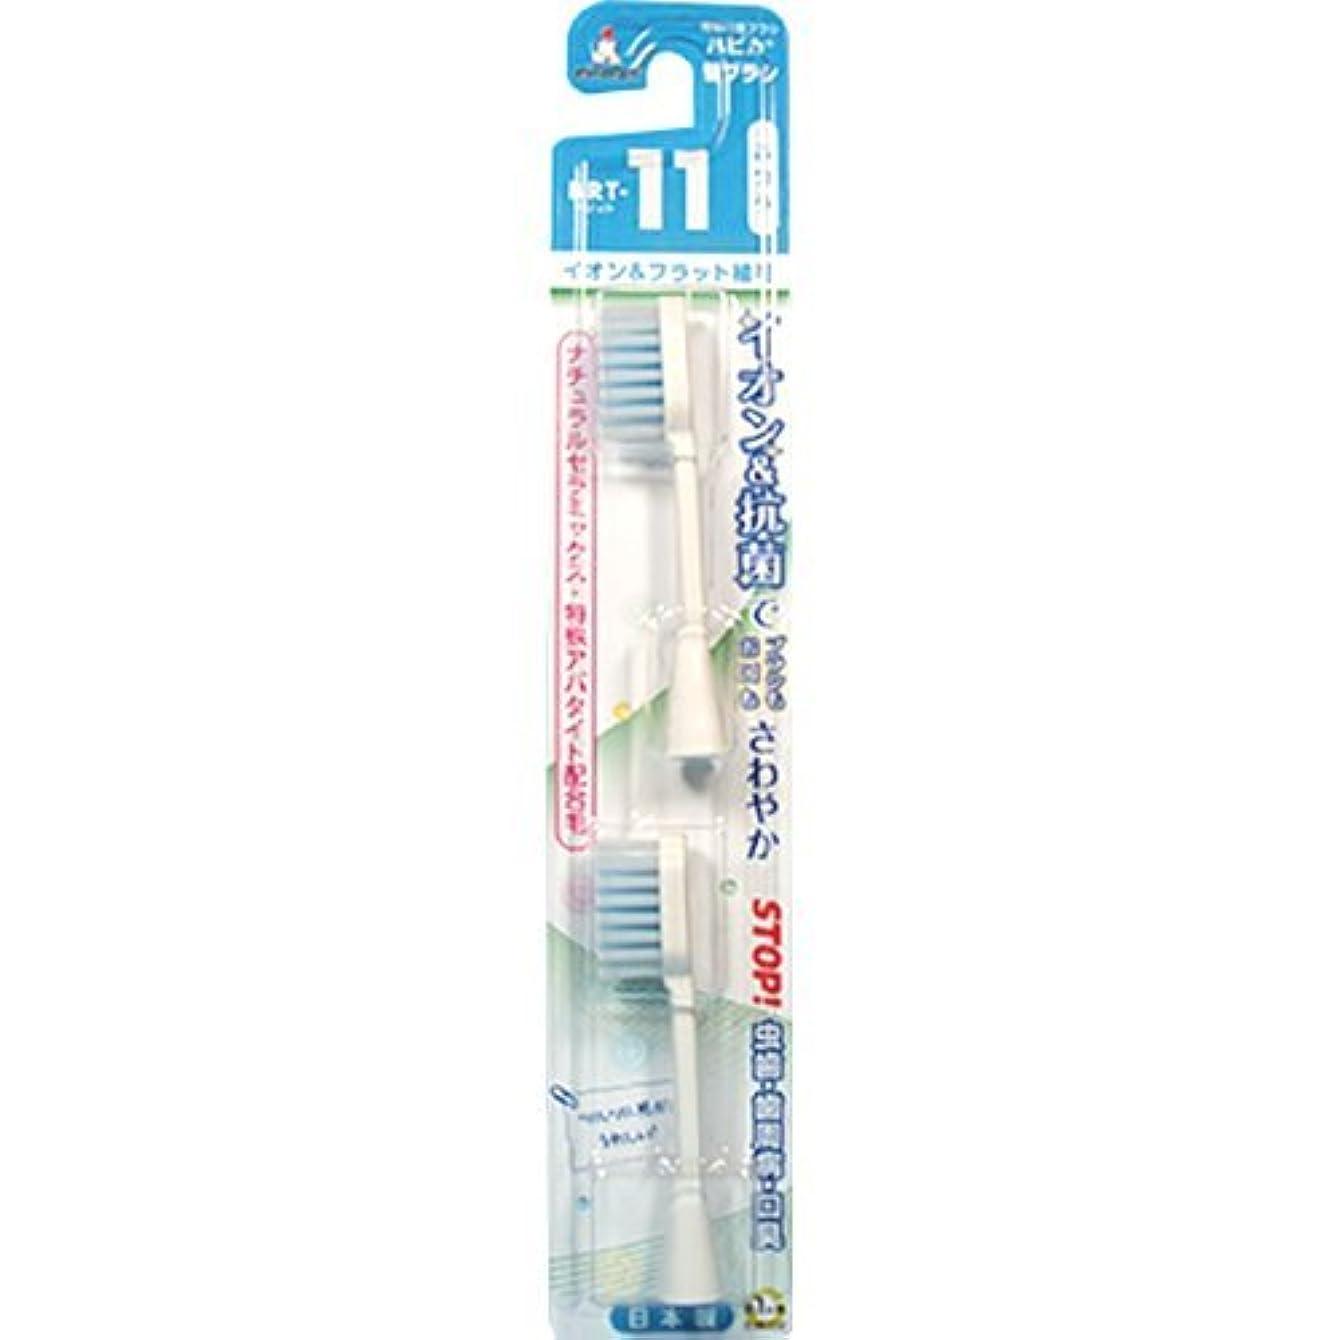 トリクルディレイ水っぽいミニマム 電動付歯ブラシ ハピカ 専用替ブラシ イオン+フラット植毛 毛の硬さ:ふつう BRT-11 2個入